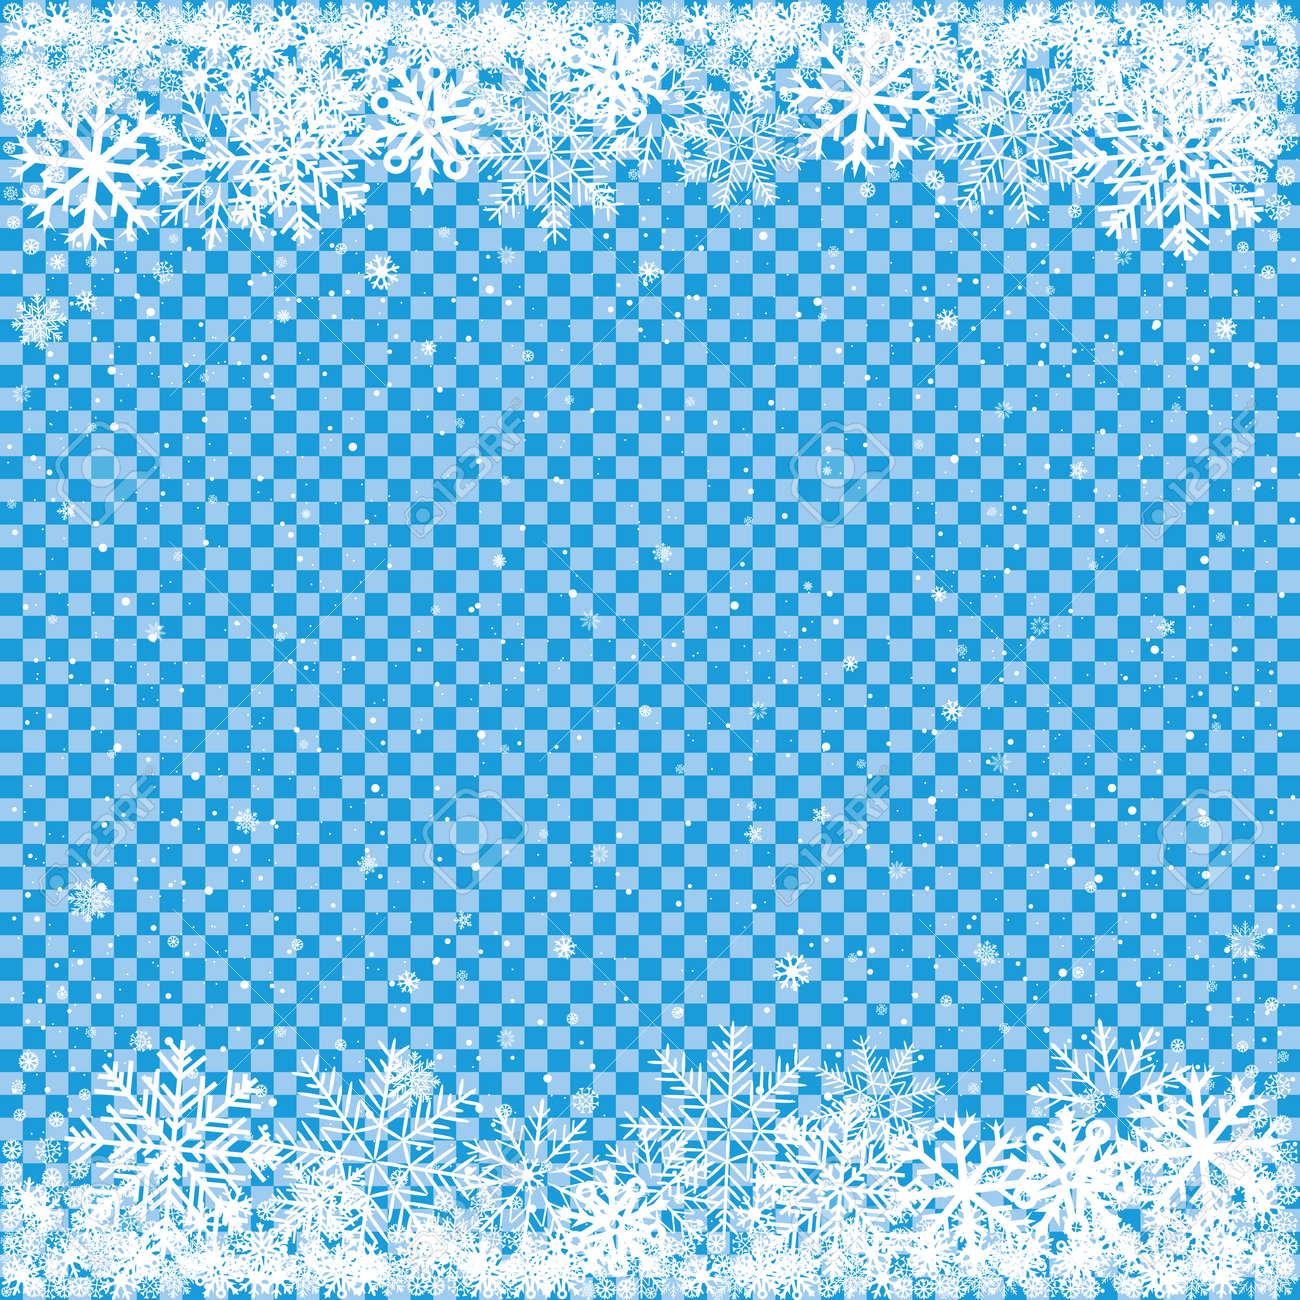 Weihnachten Und Winter Clipart Der Fallende Weiße Schnee Auf